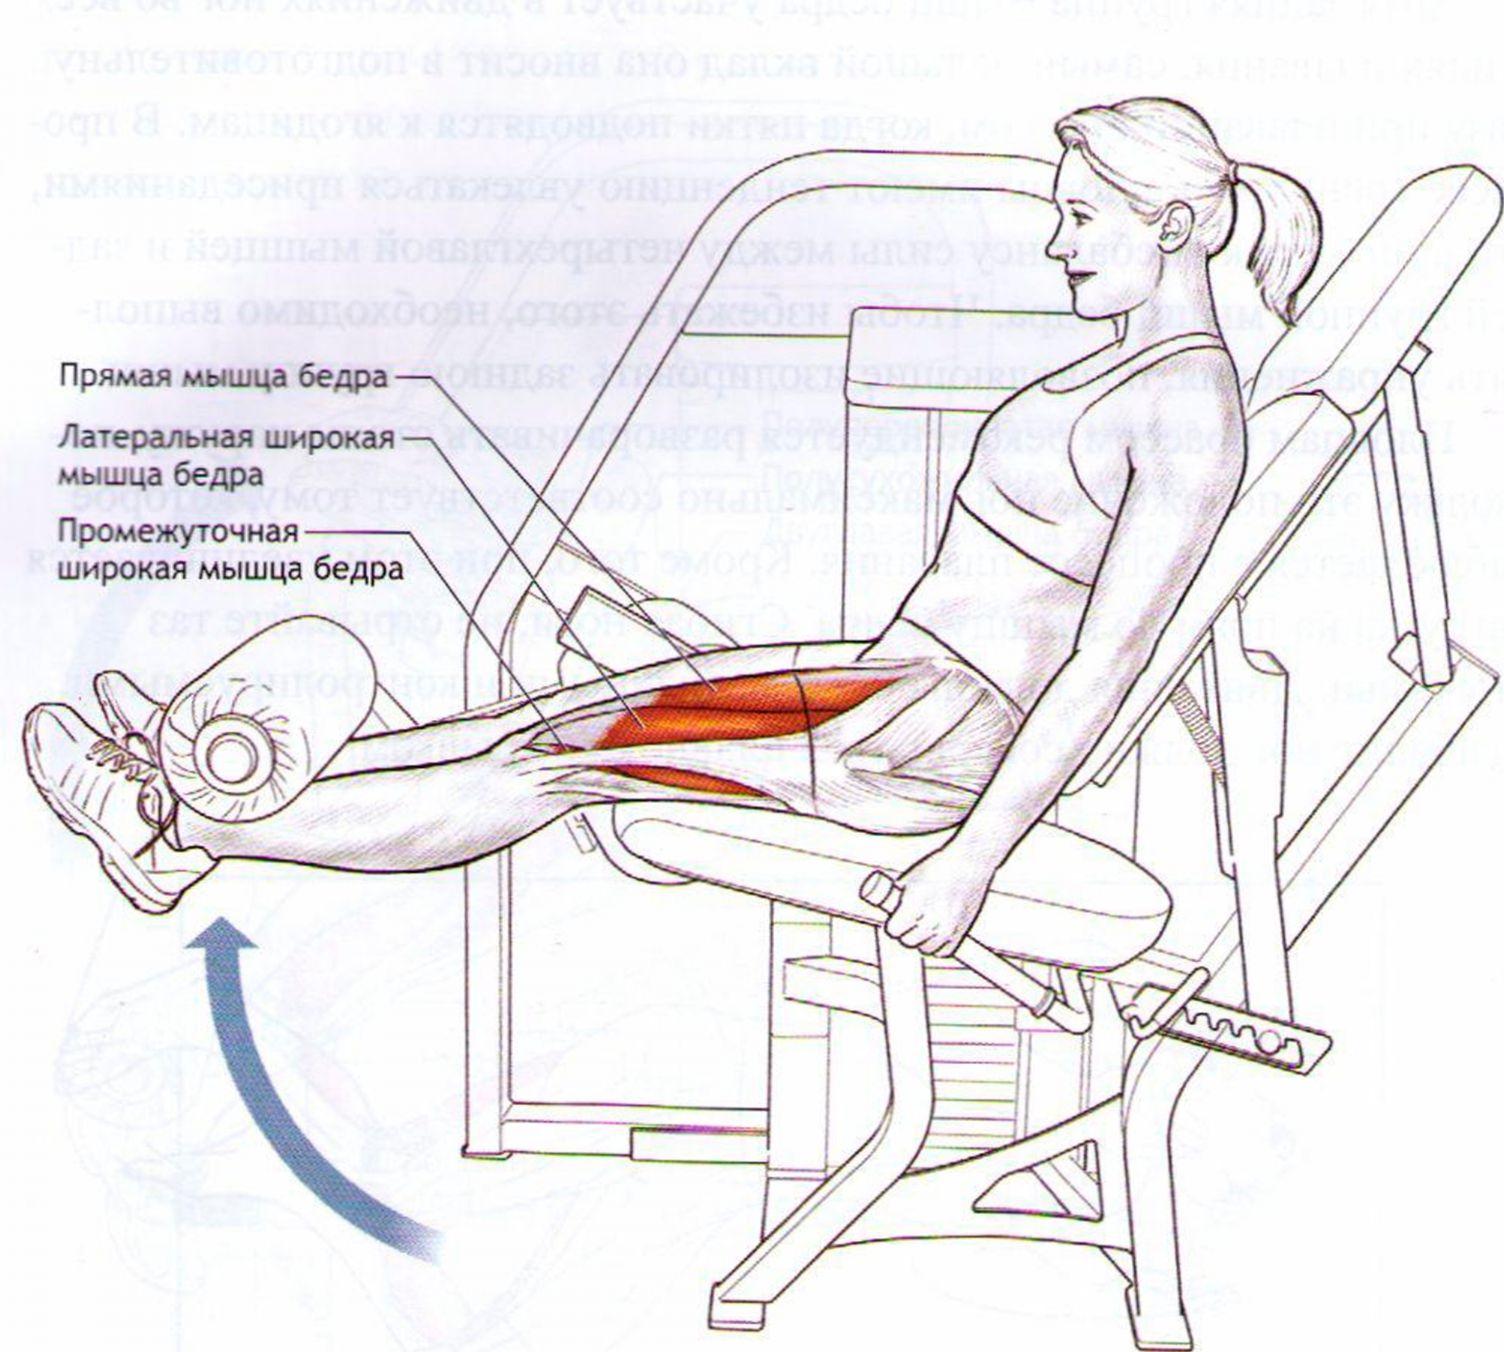 Разгибание ноги в коленном суставе младенец 1 месяц незрелый тазобедренный сустав